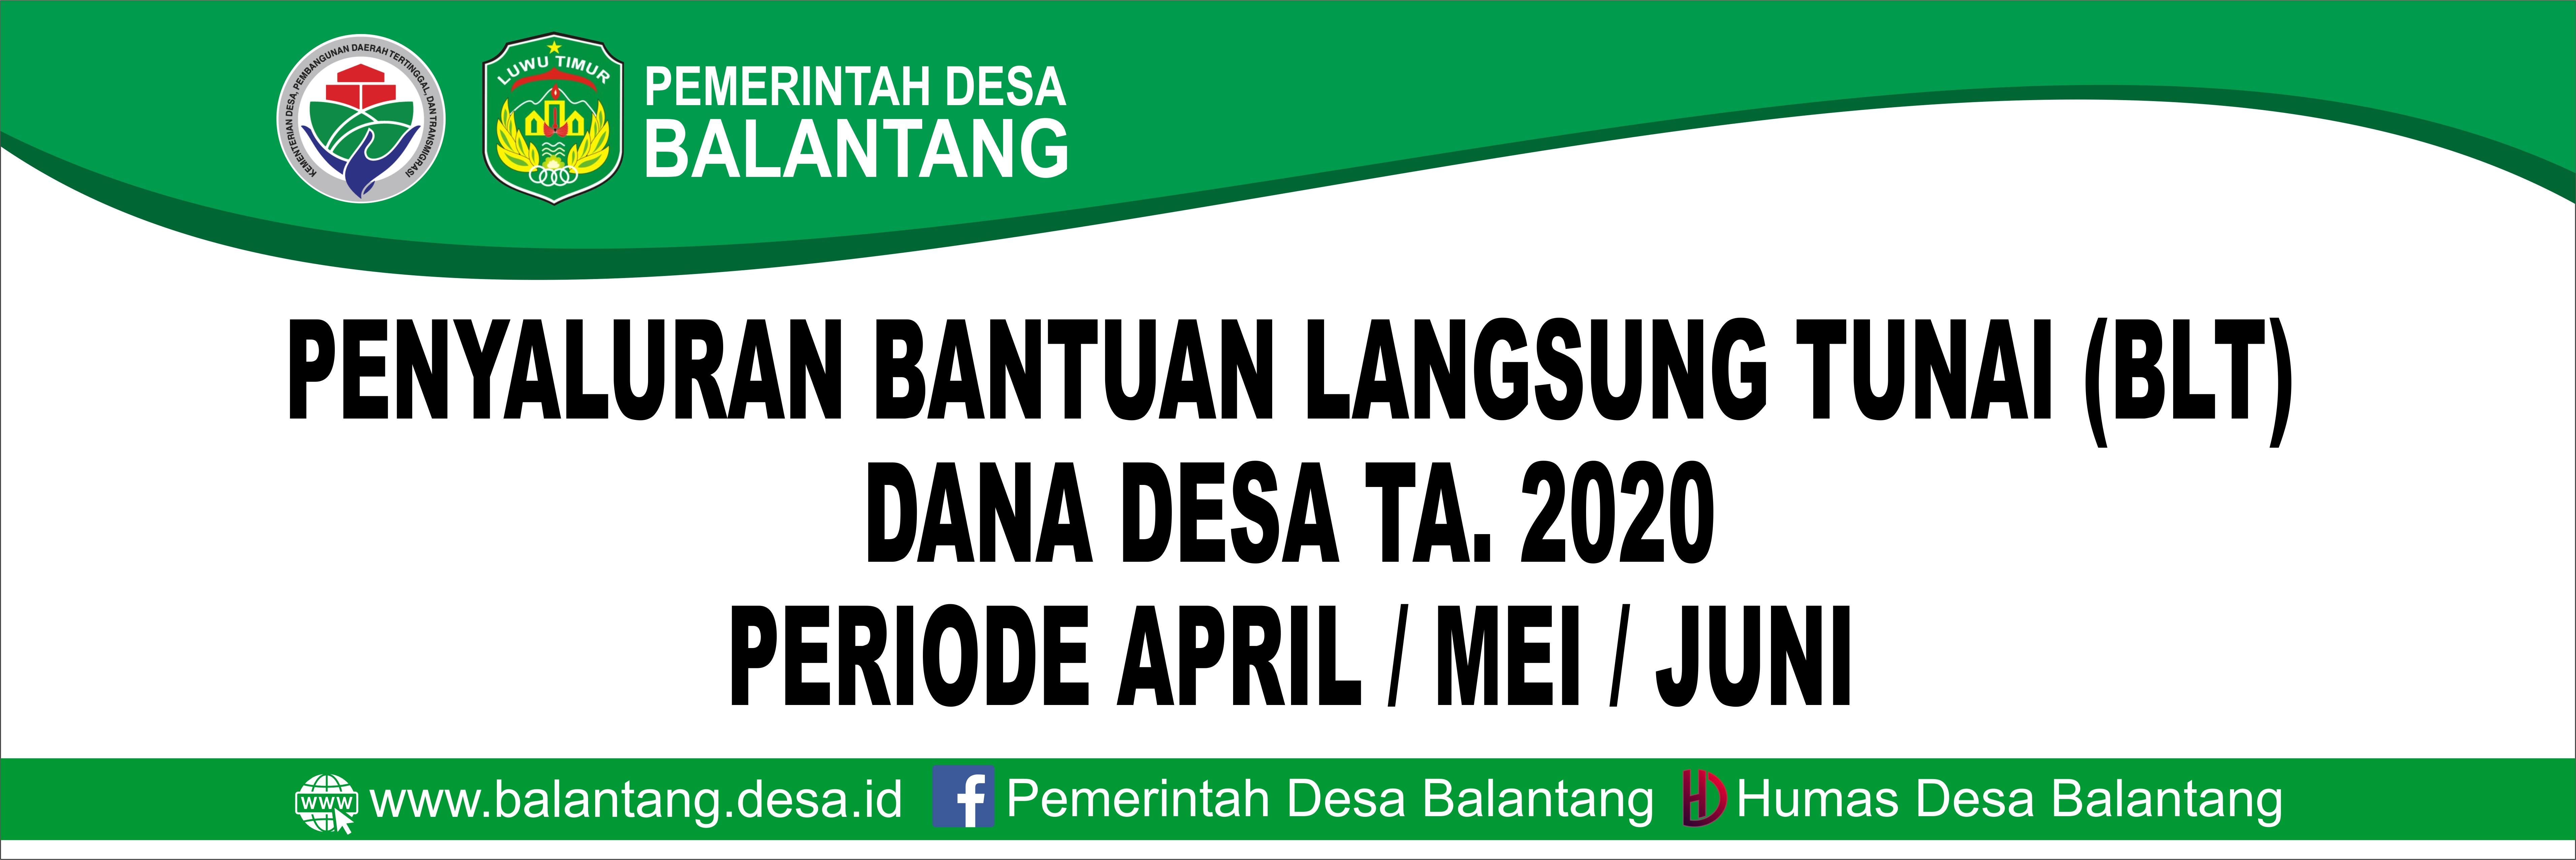 BLTDD 2020